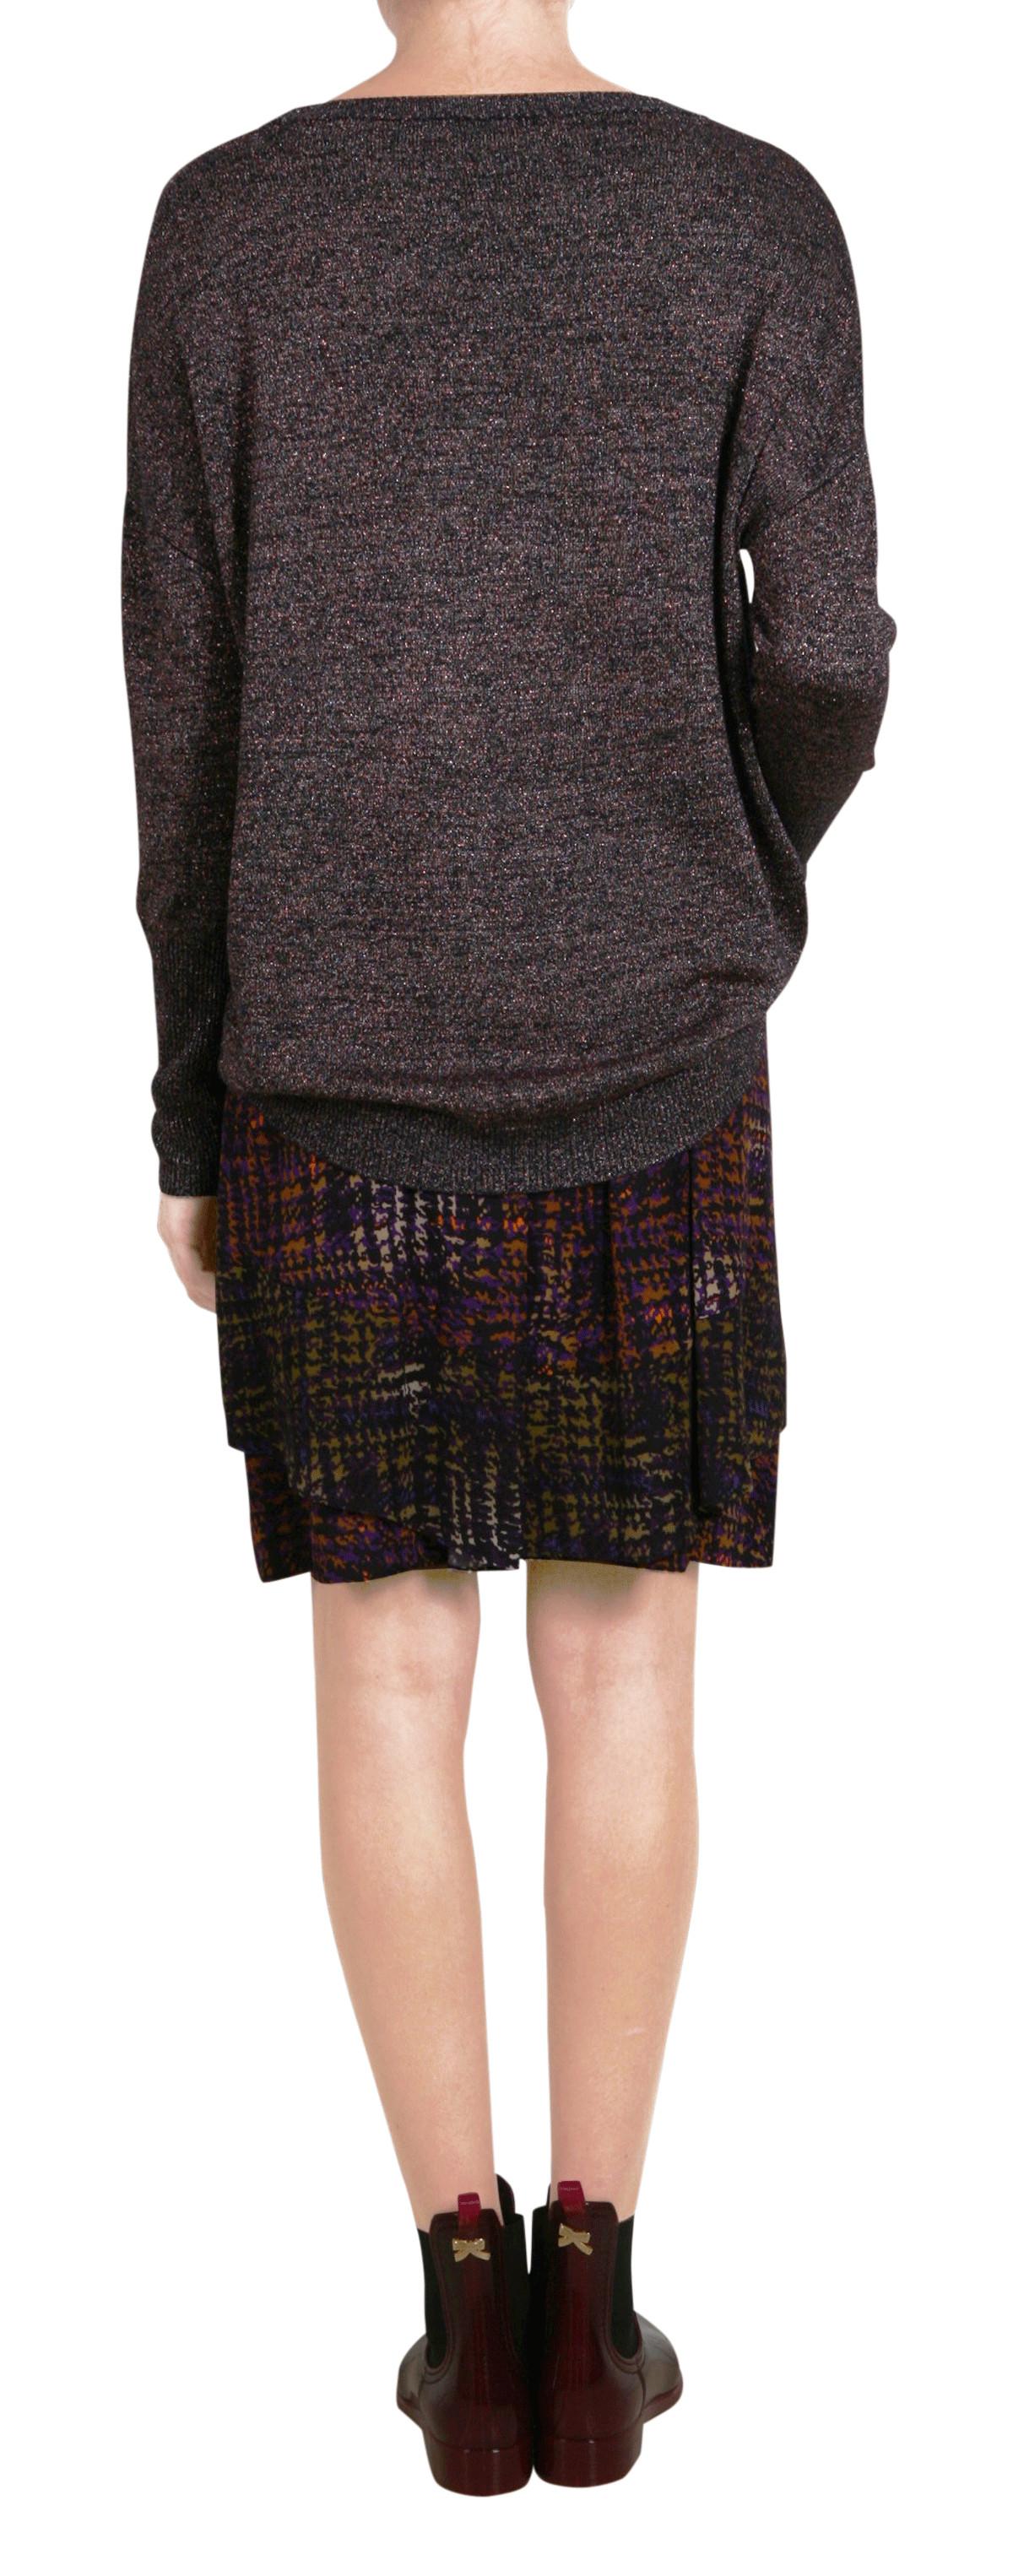 sheen o neck 1 1 knit shop schumacher onlineshop. Black Bedroom Furniture Sets. Home Design Ideas